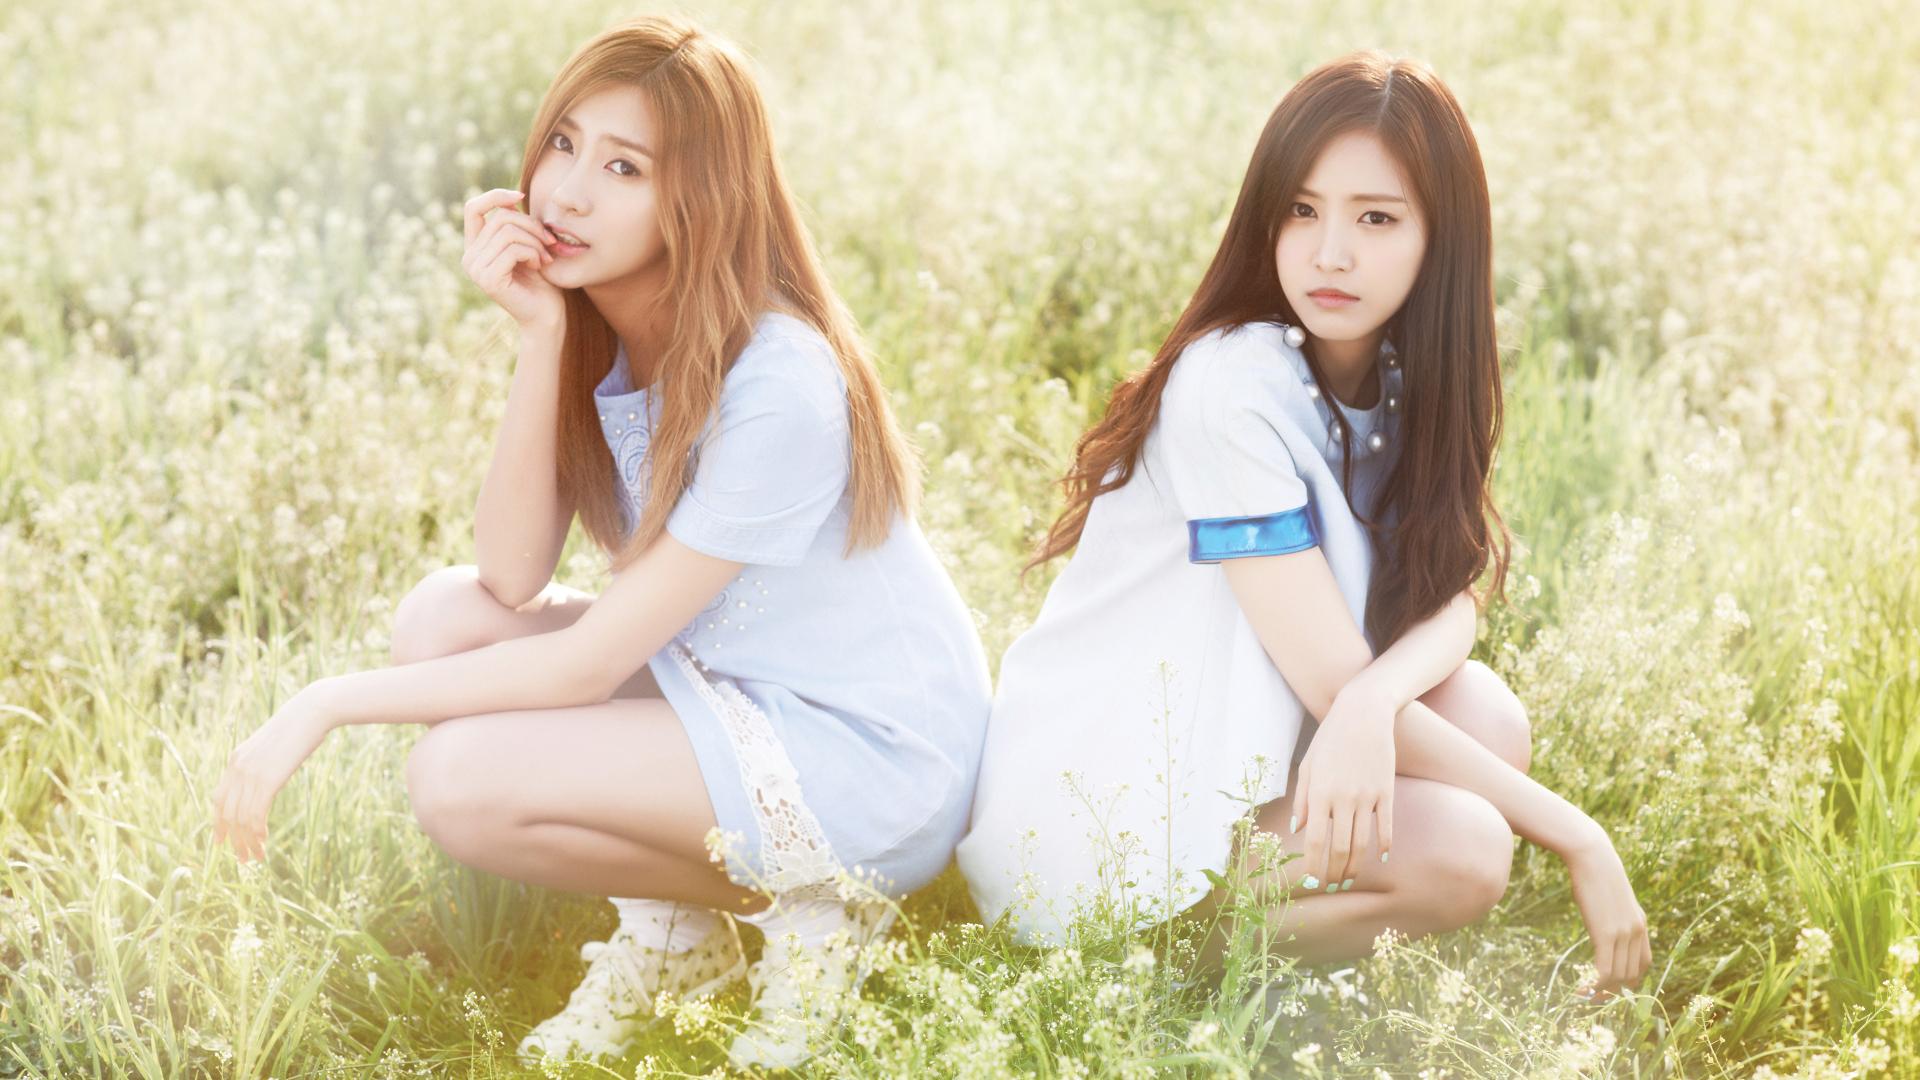 Secret Garden Apink Hd Wallpaper 11782 Asiachan Kpop